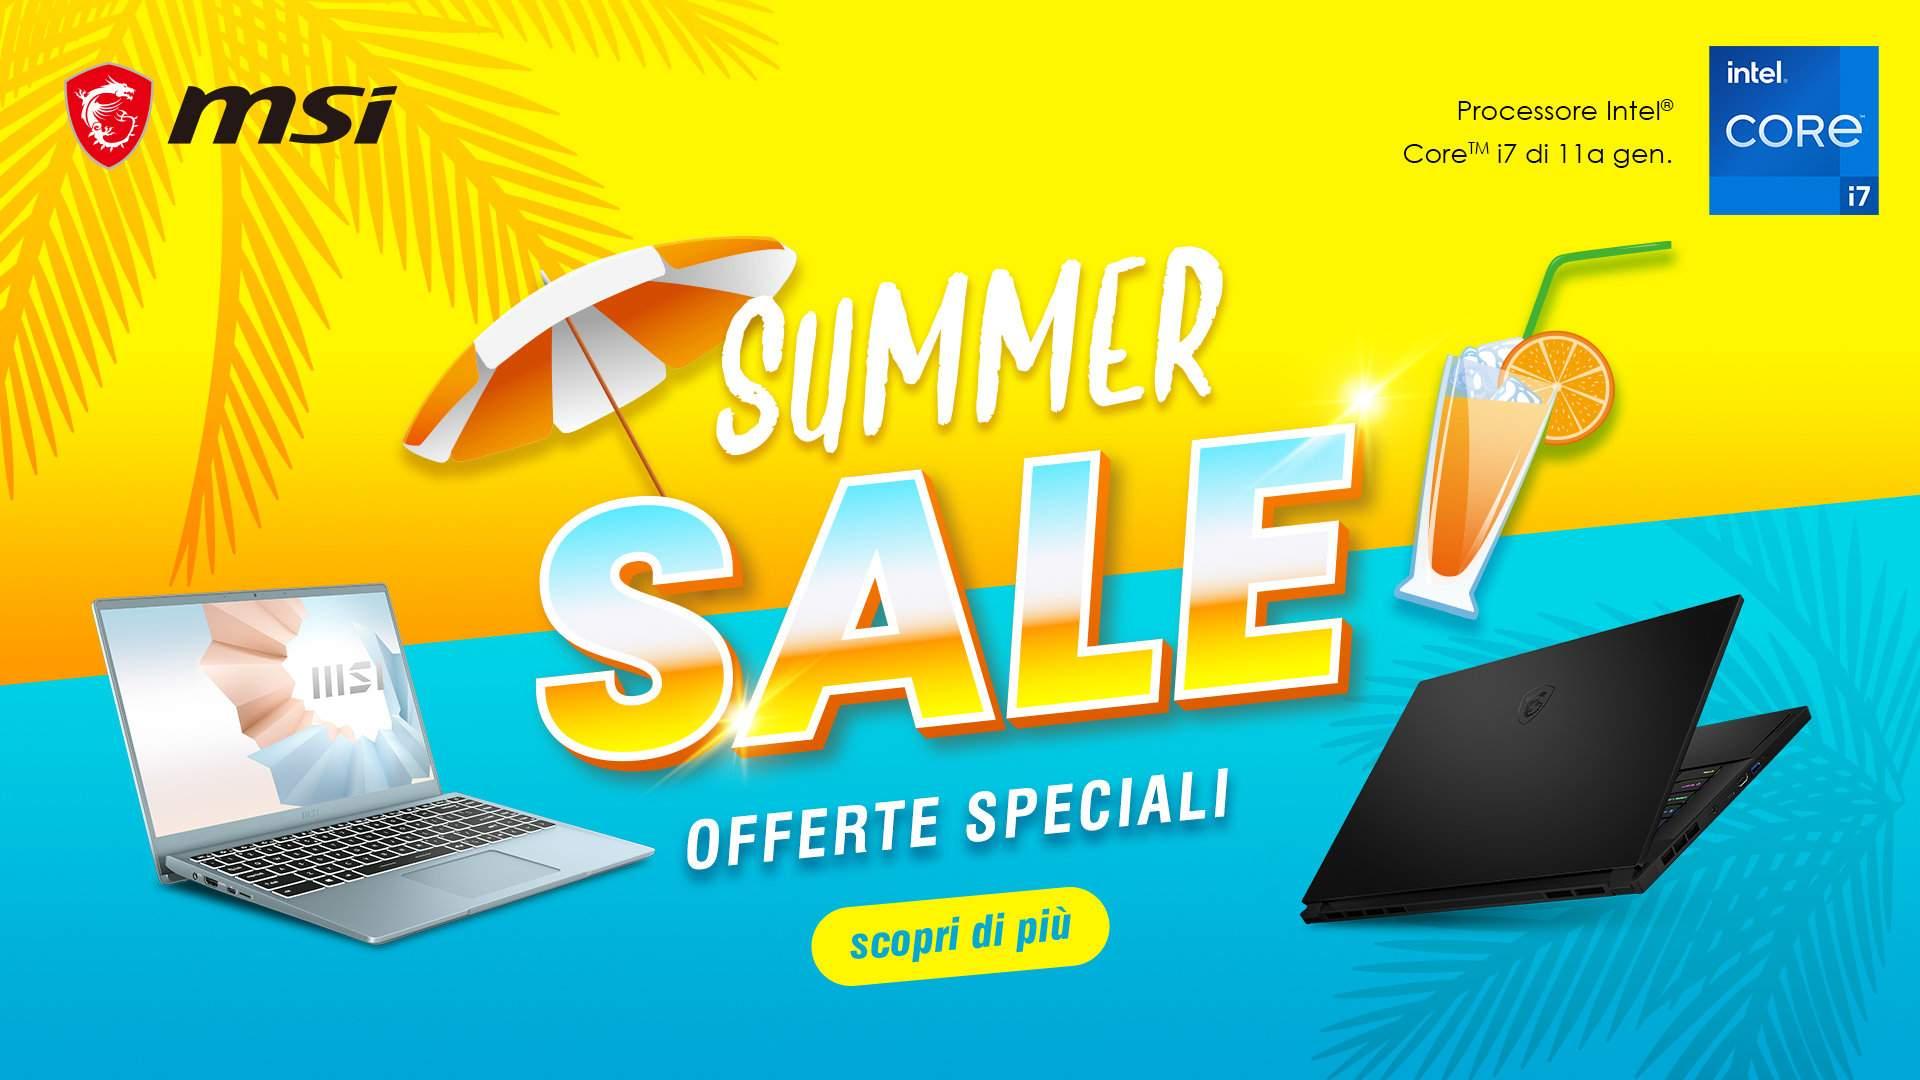 MSI Summer Sale fino a 600 euro di sconto su diversi laptop